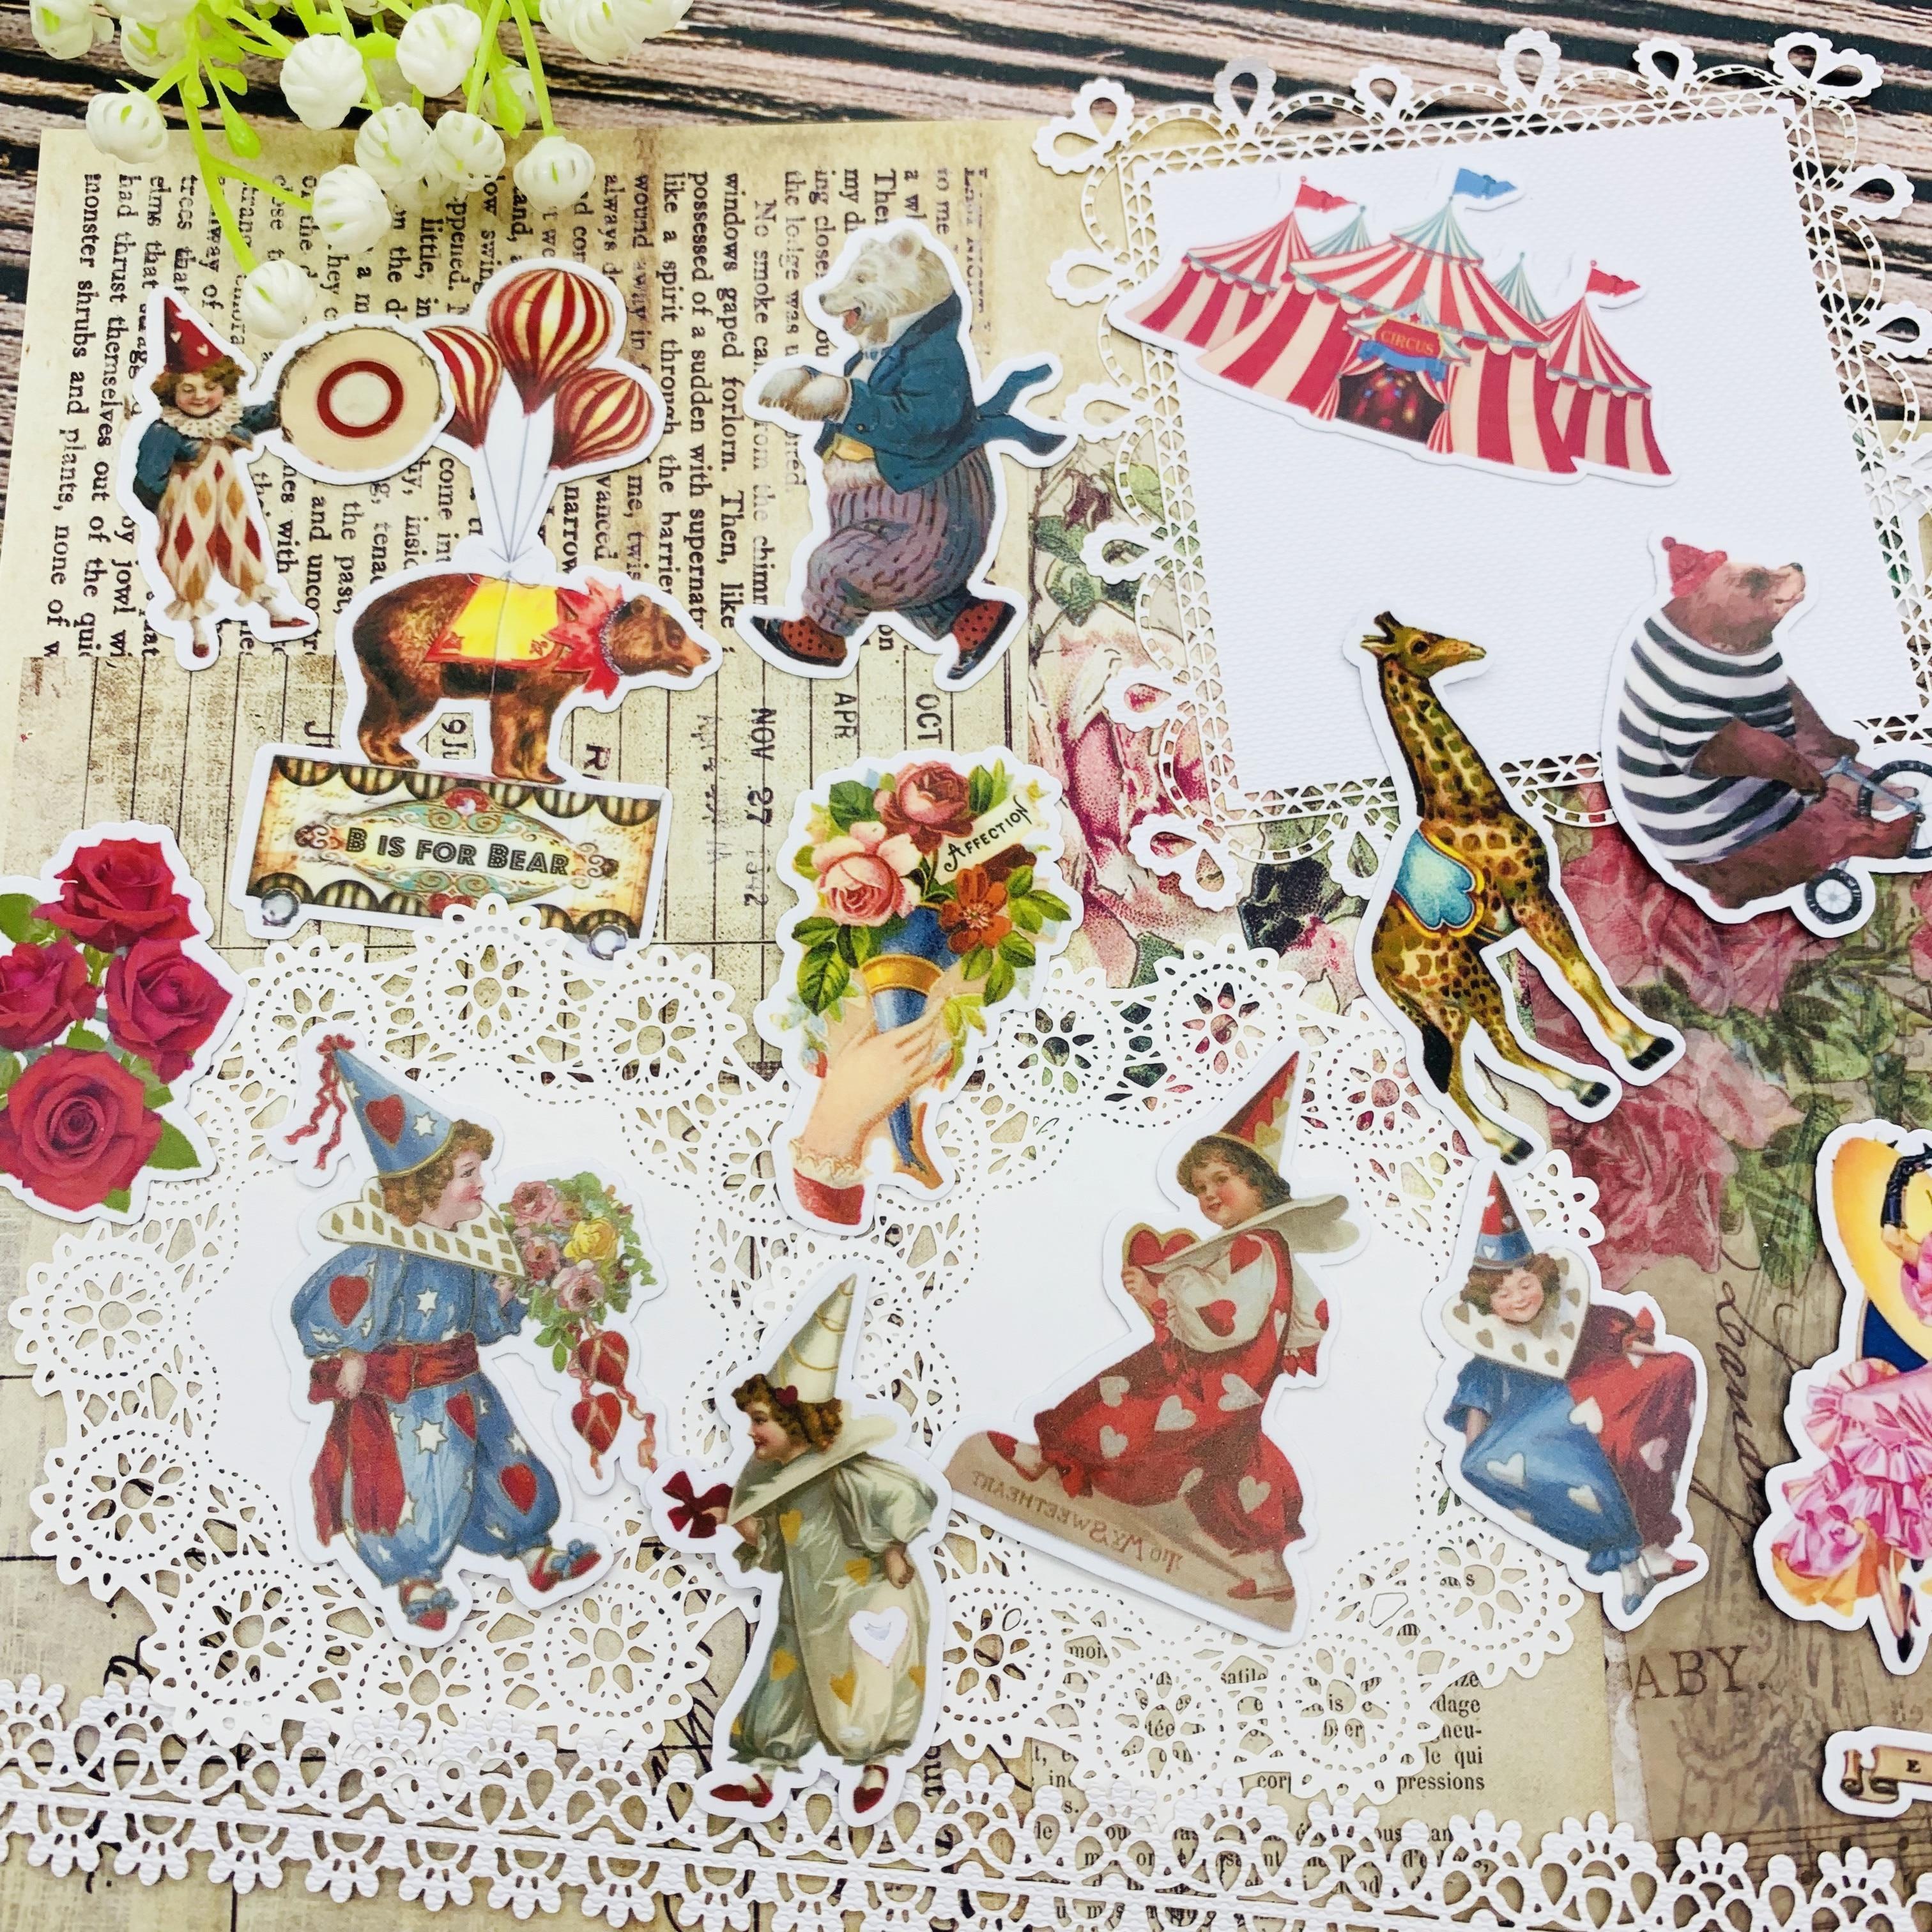 18 шт./компл. винтажная серия клоунов цирковых бриллиантов дневник нежелательной еды мобильный компьютер счастливый планировщик декоративн...